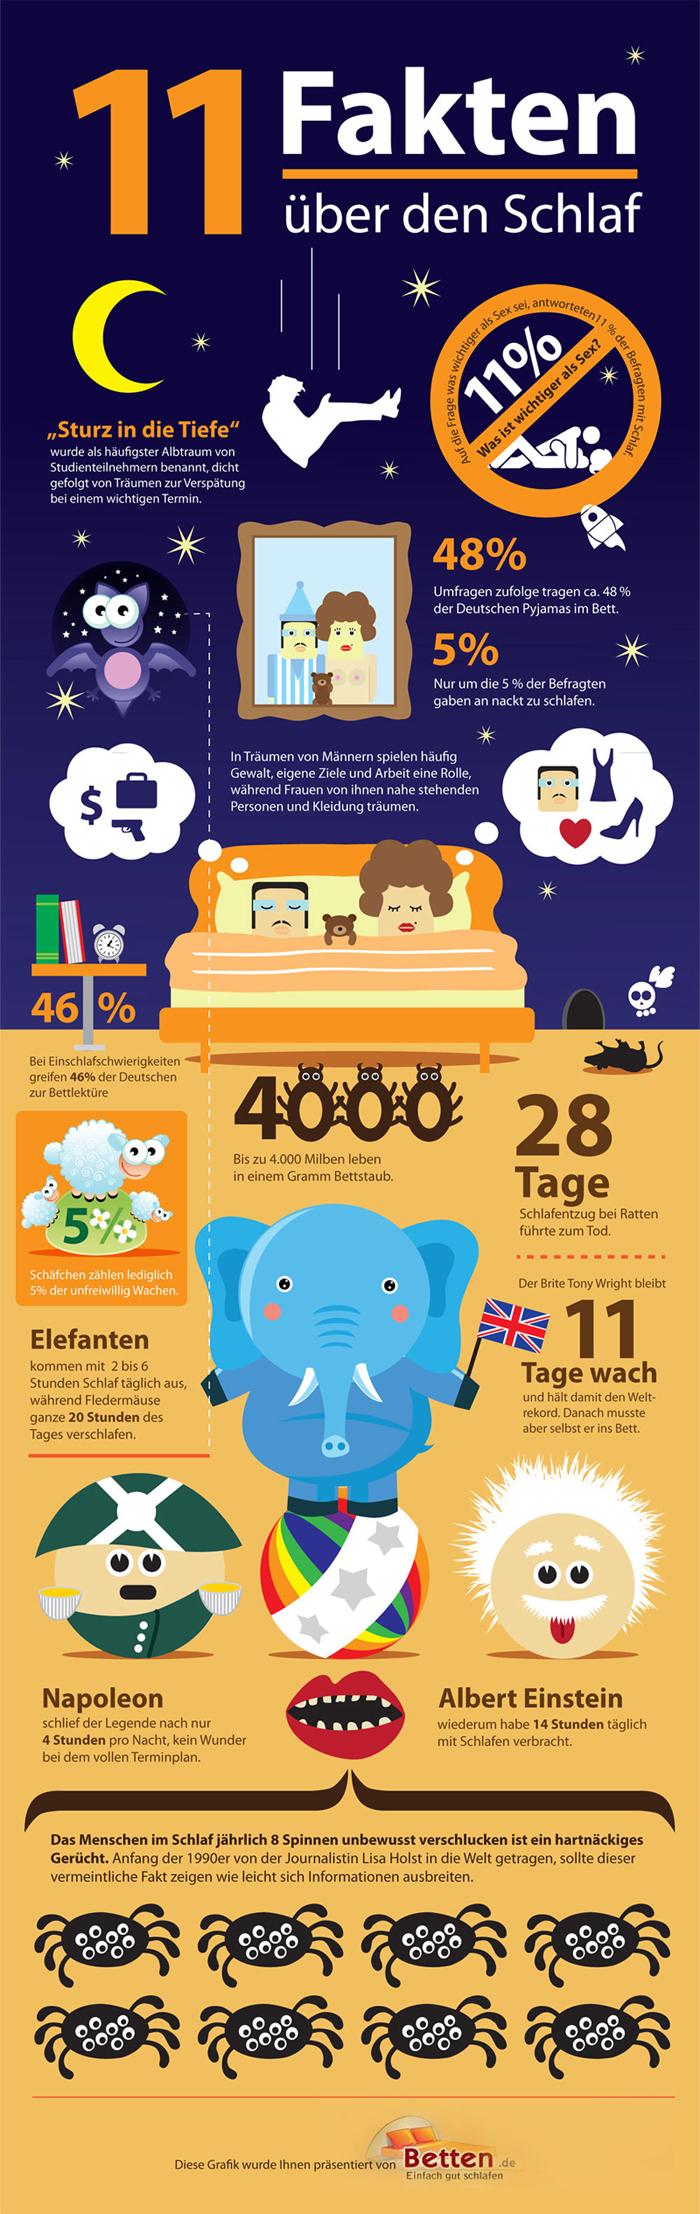 Infografik - 11 Fakten über den Schlaf